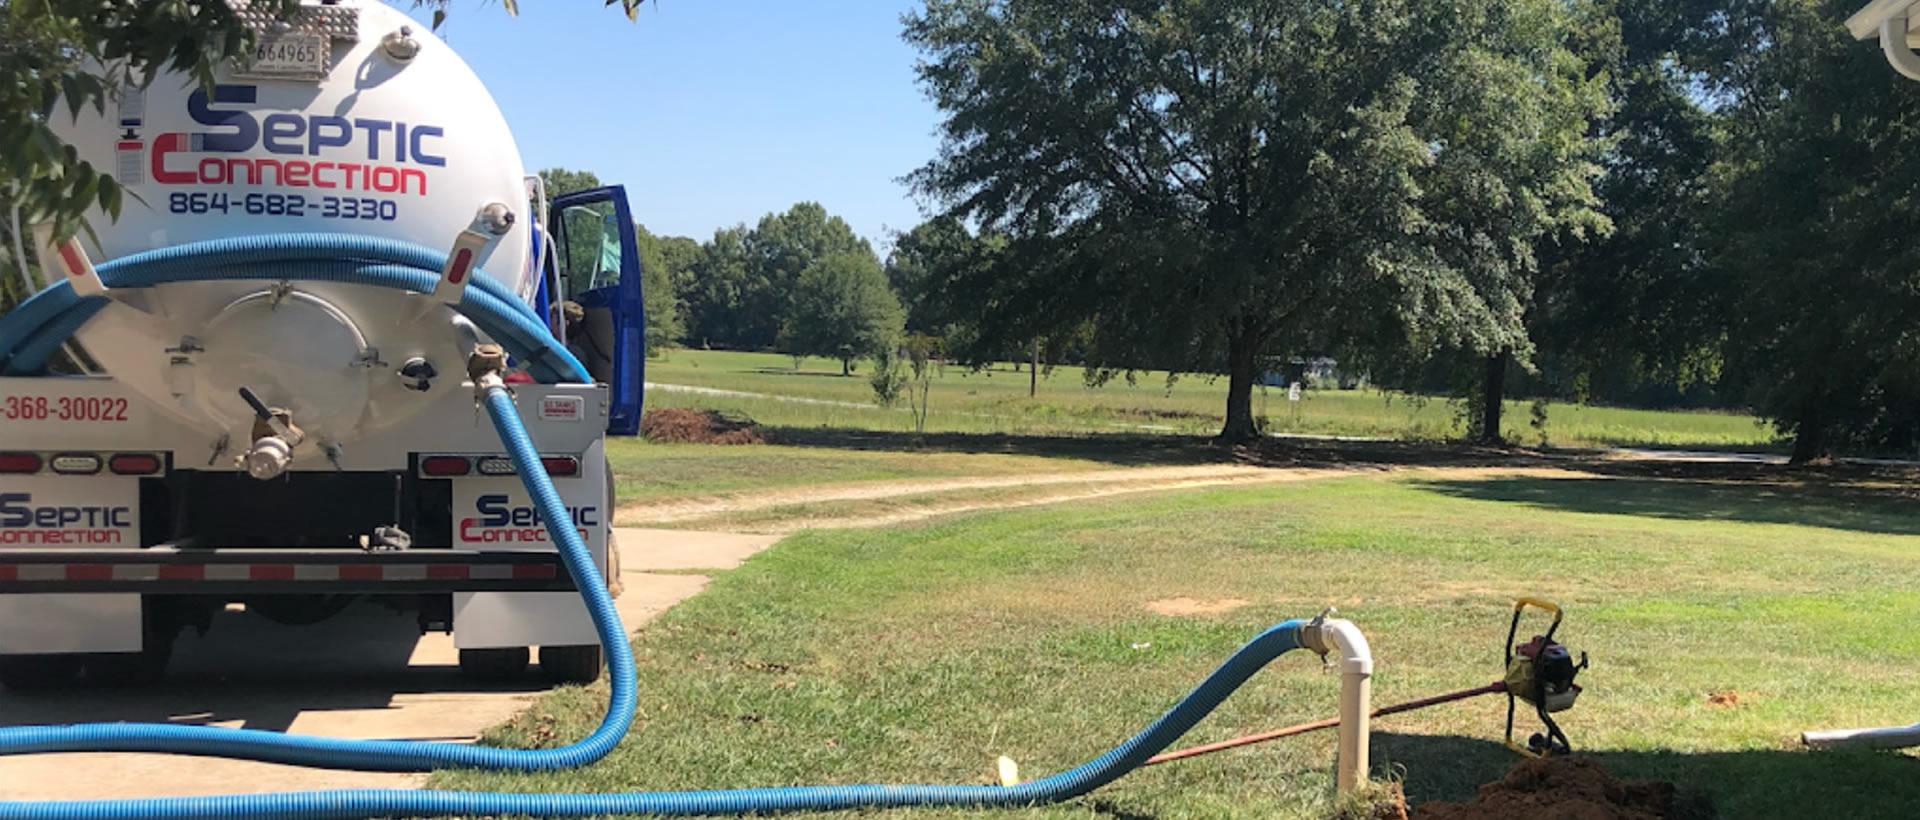 Septic Tank Repair in Simpsonville